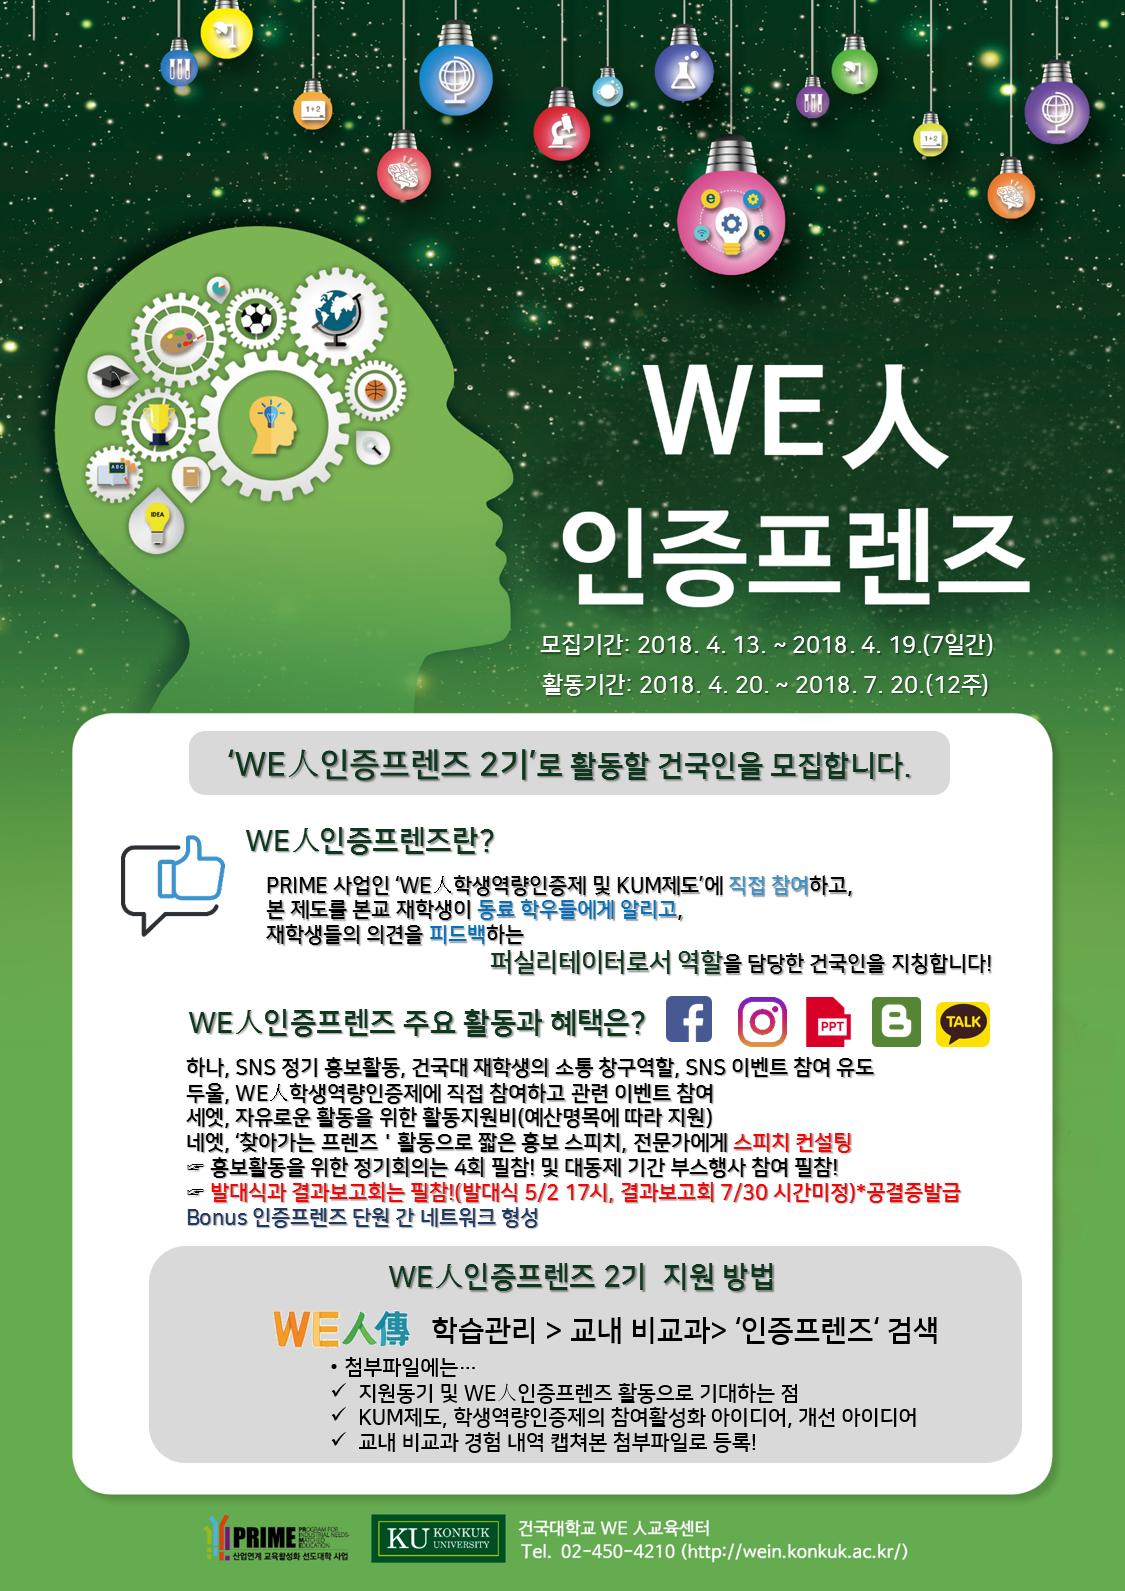 위인인증프렌즈 2기 모집포스터(기간변경 및 공결증발급표시).png